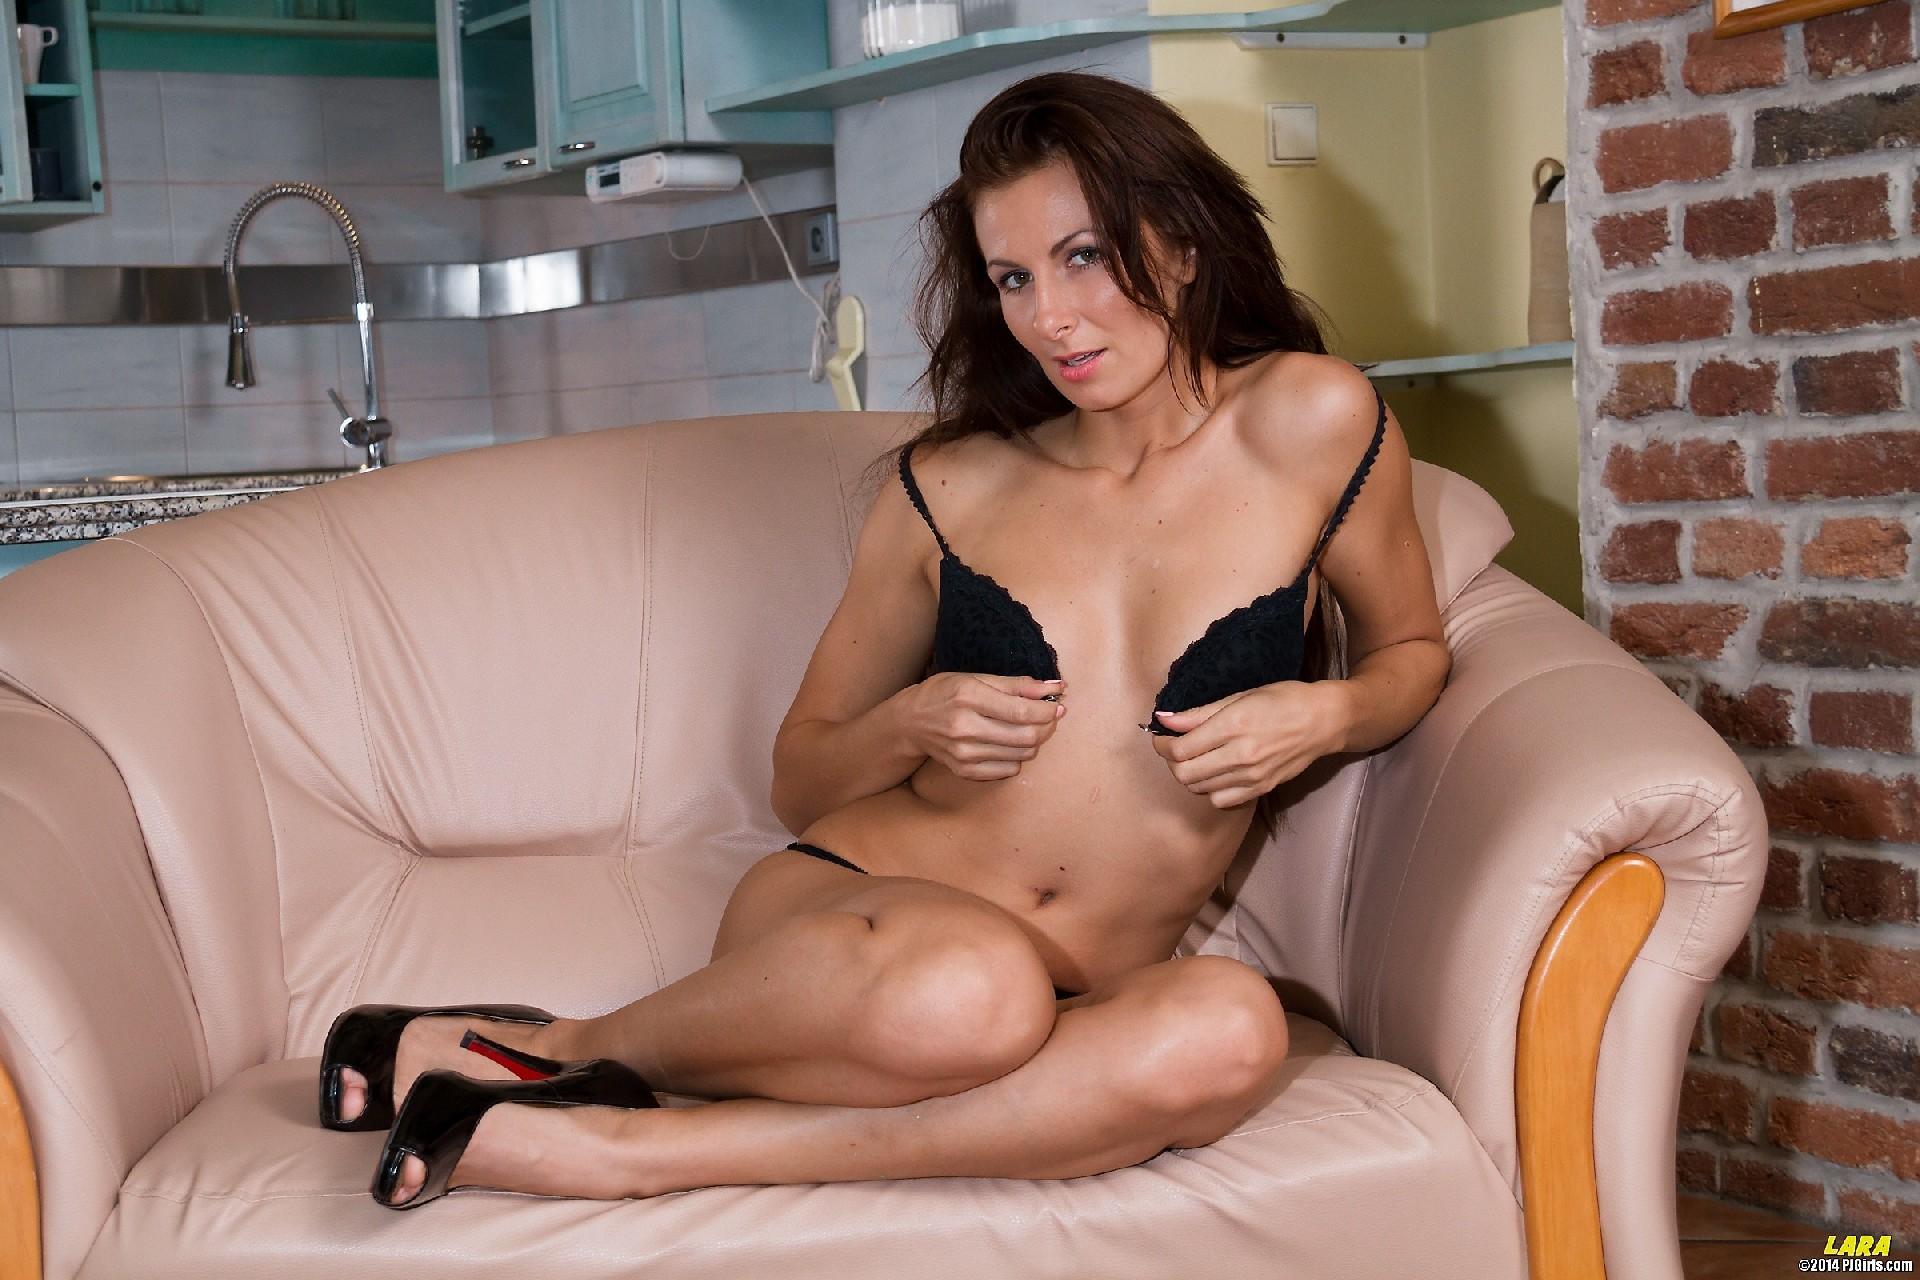 Девка села на кресло и начала играться с  расширителем вагины